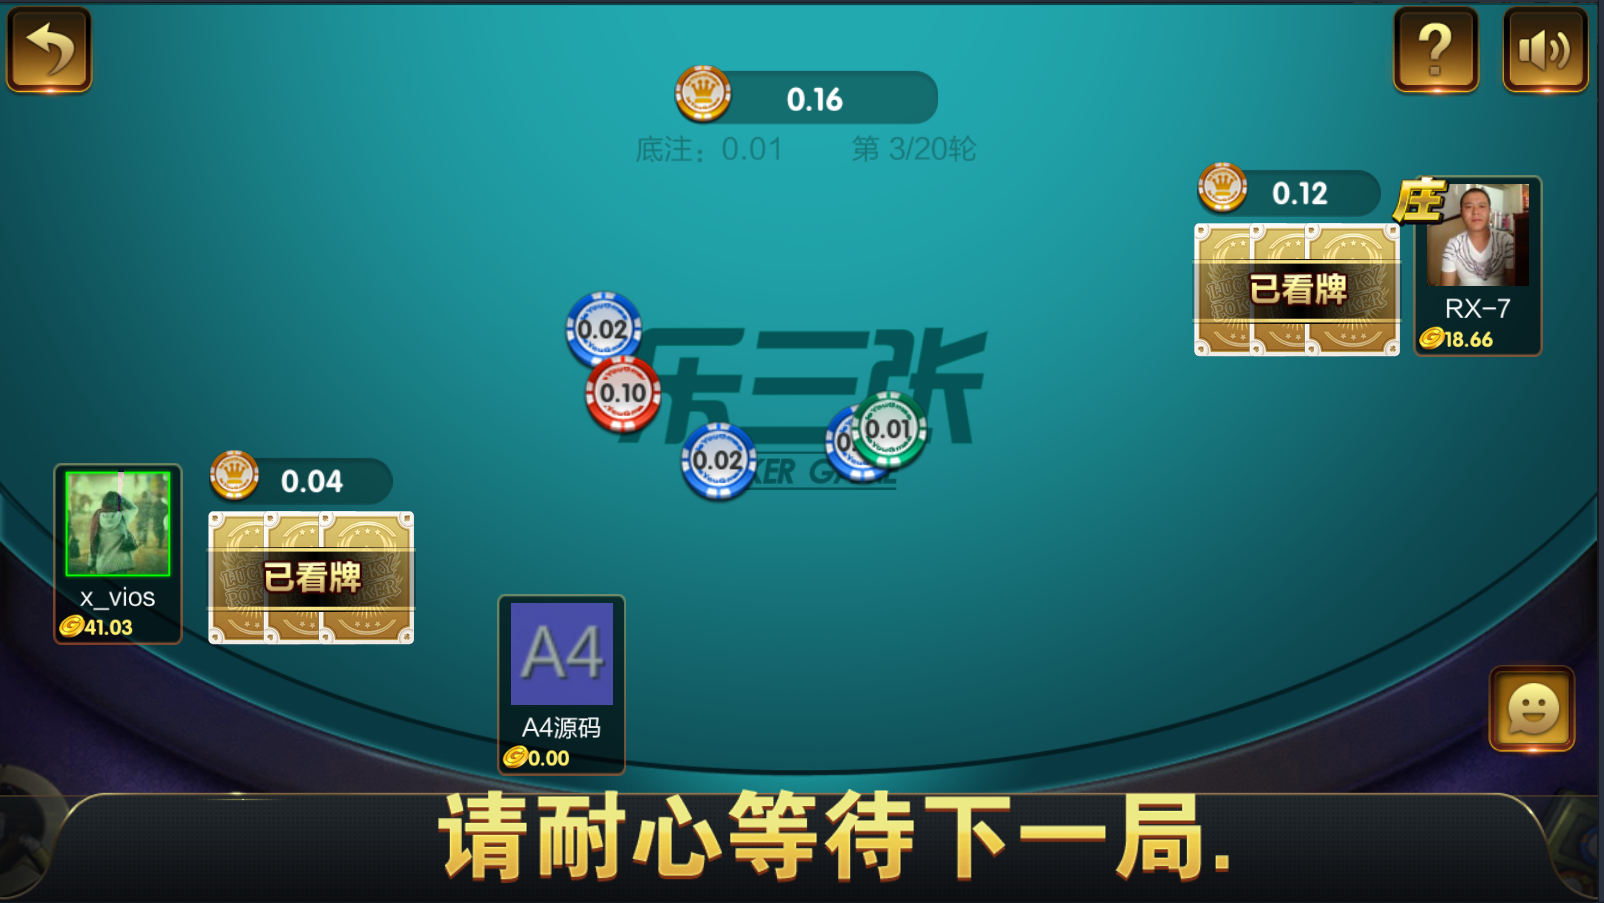 【服务器完整打包】最新更新豪胜娱乐二开ui版棋牌组件+完整数据 双端需解密-第12张